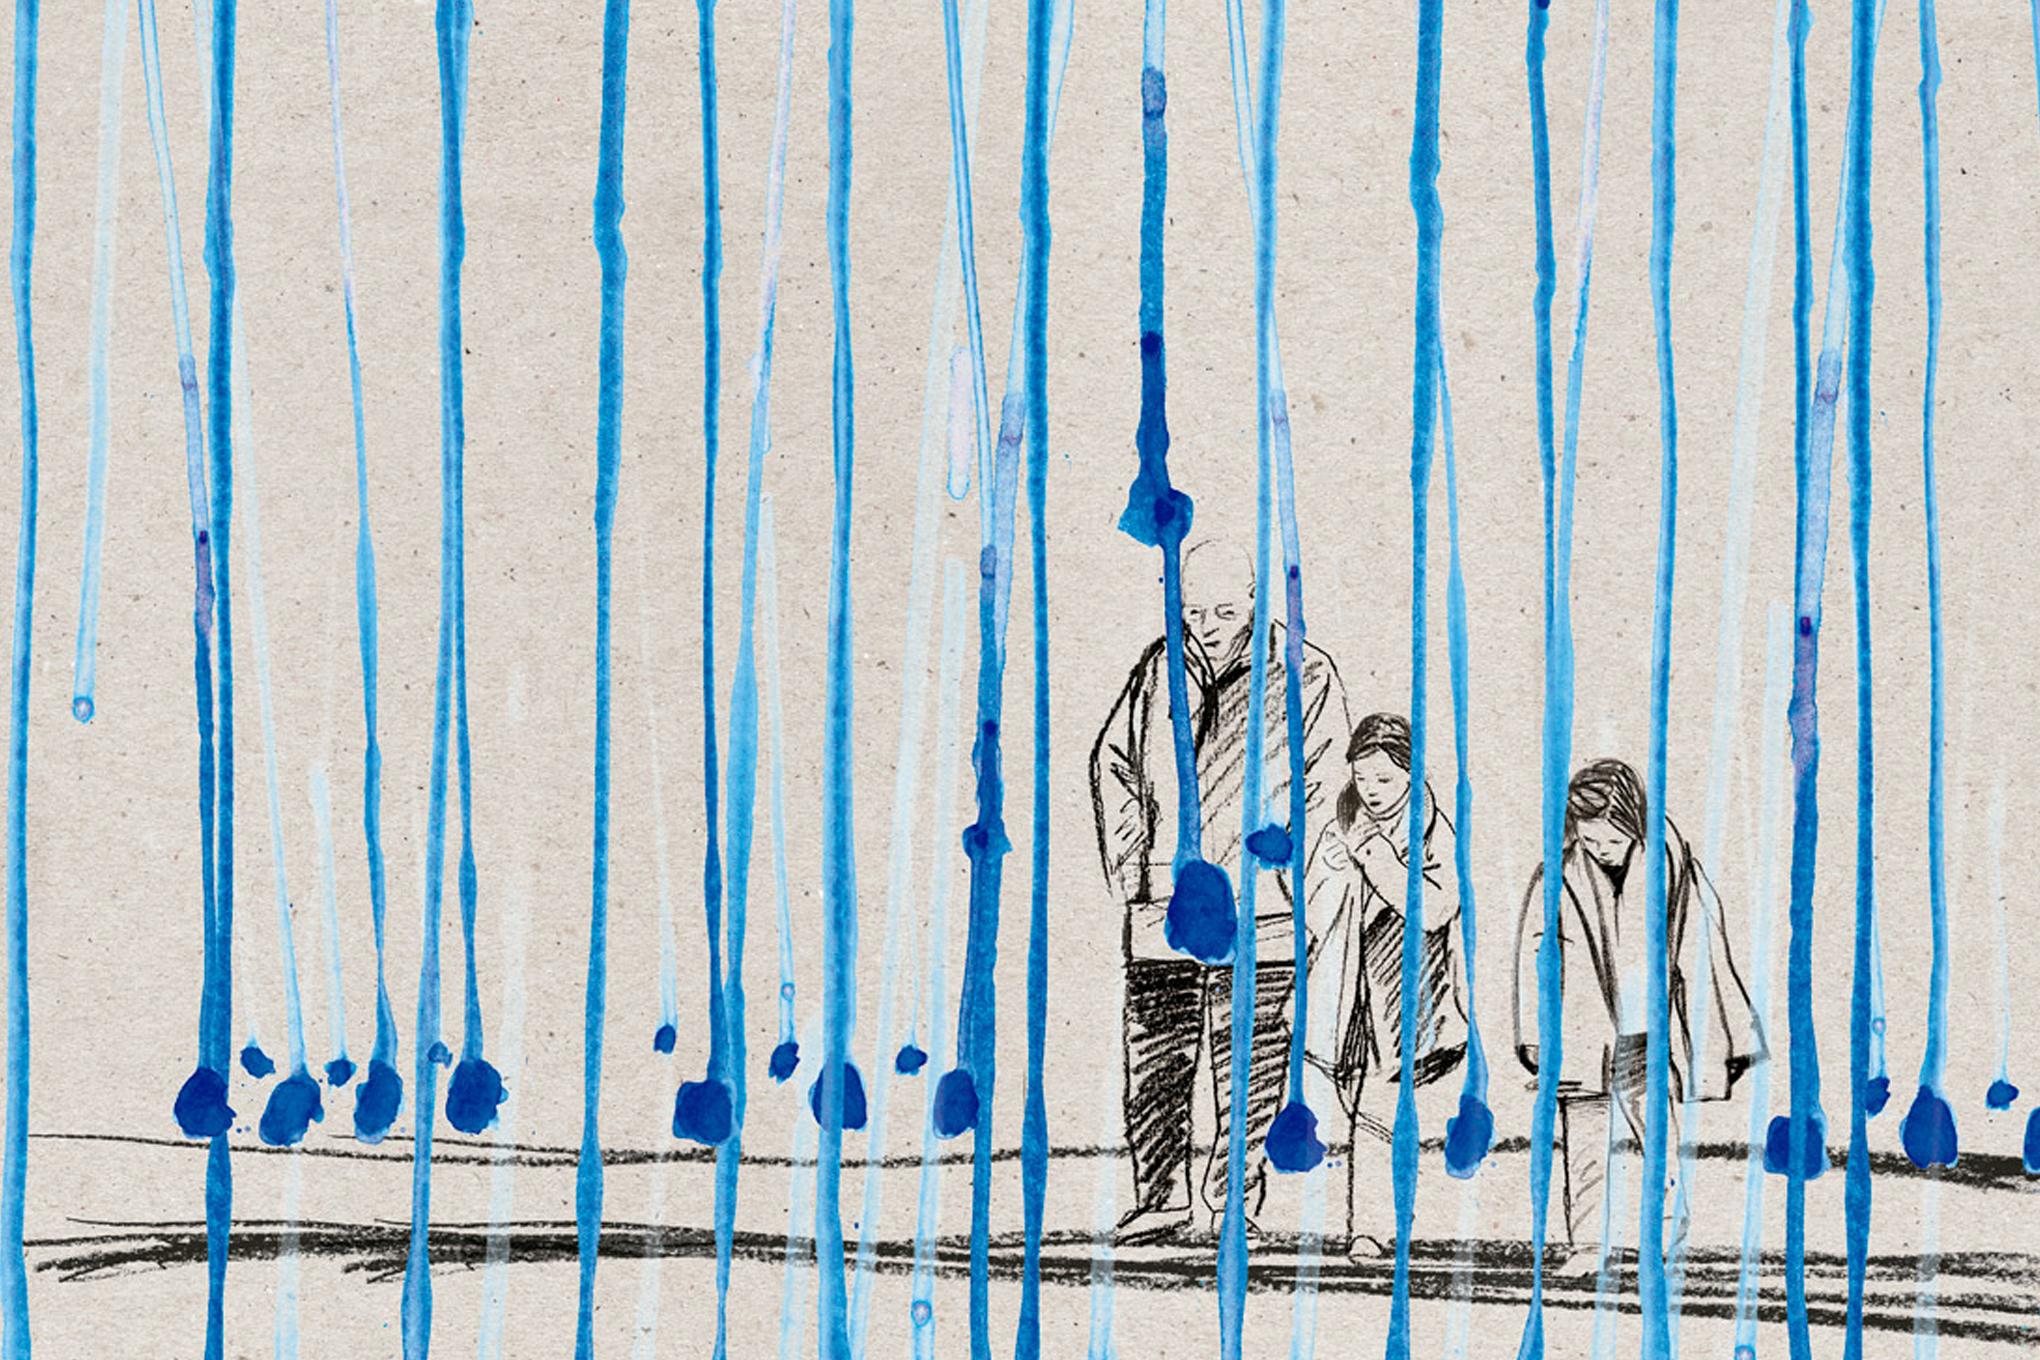 Recetas de lluvia y azúcar - MO Gutiérrez